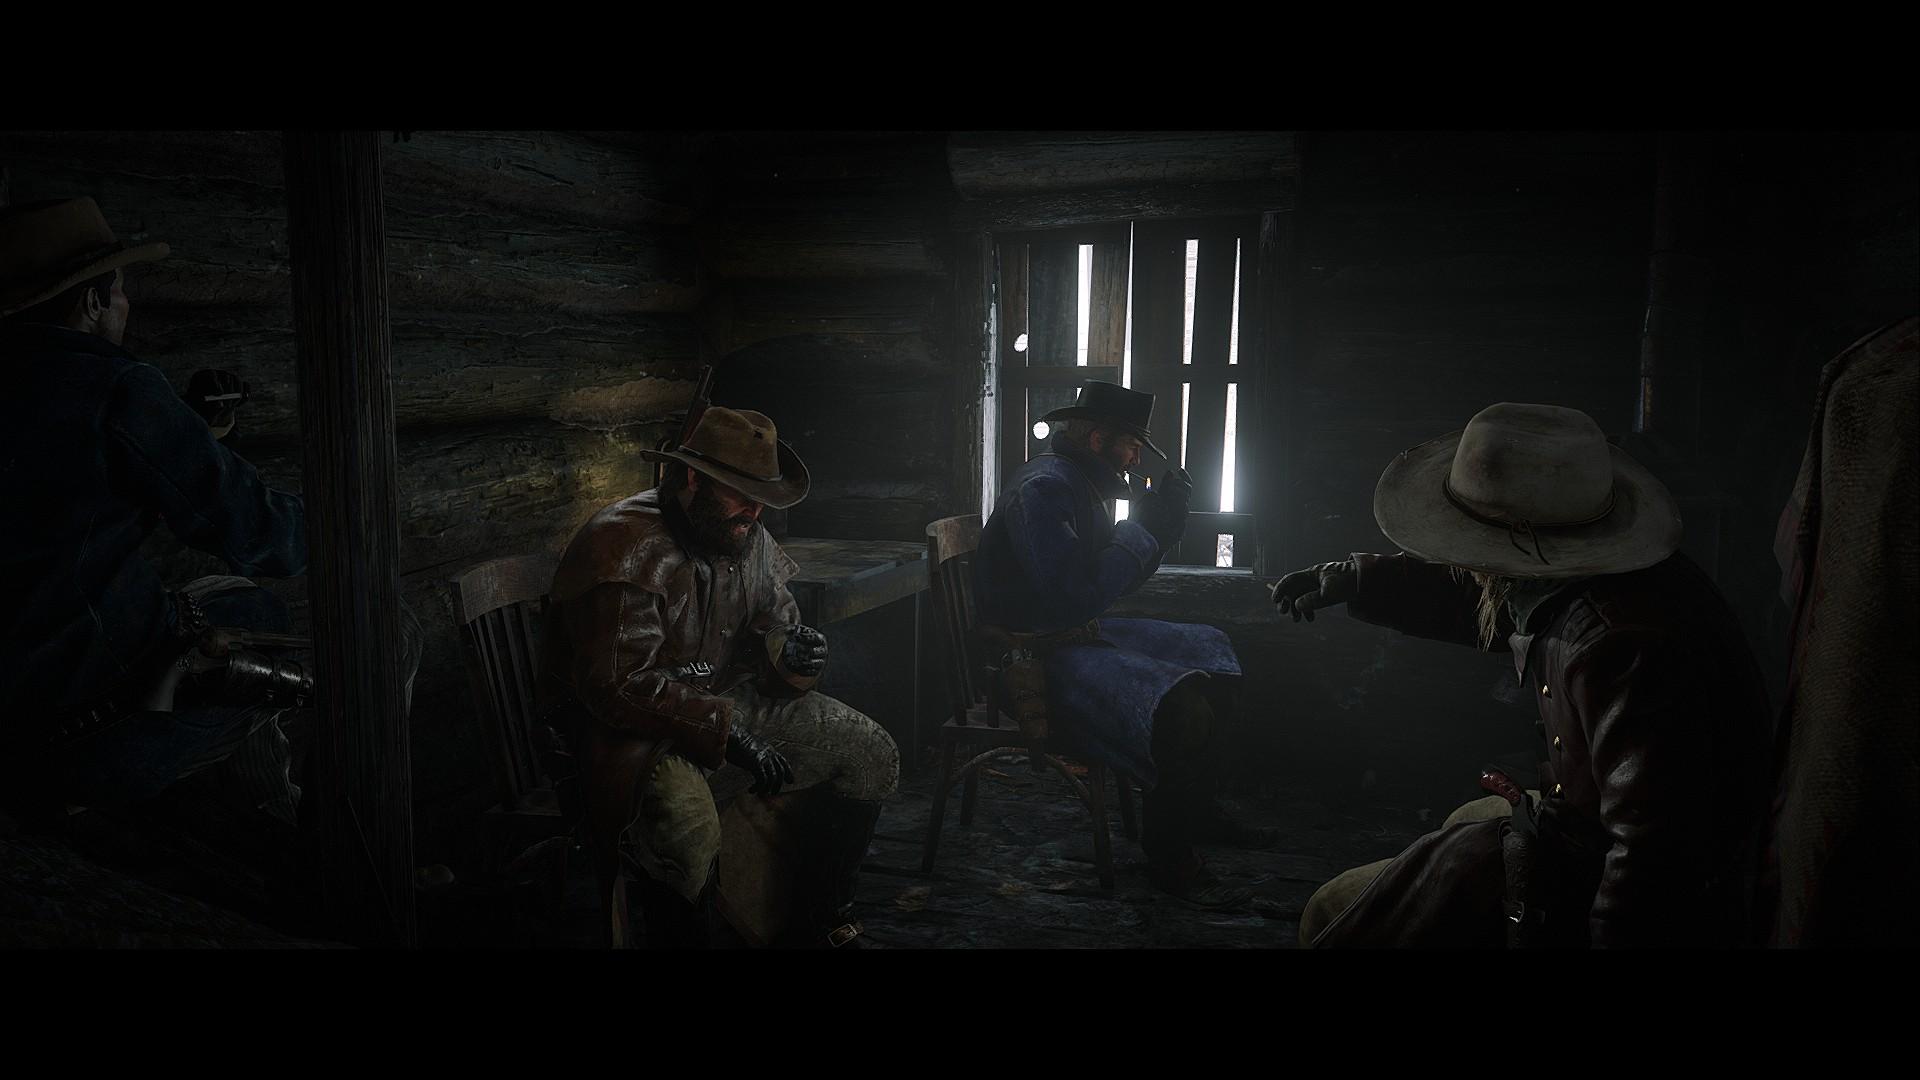 Новый точечный рисунок (6).jpg - Red Dead Redemption 2